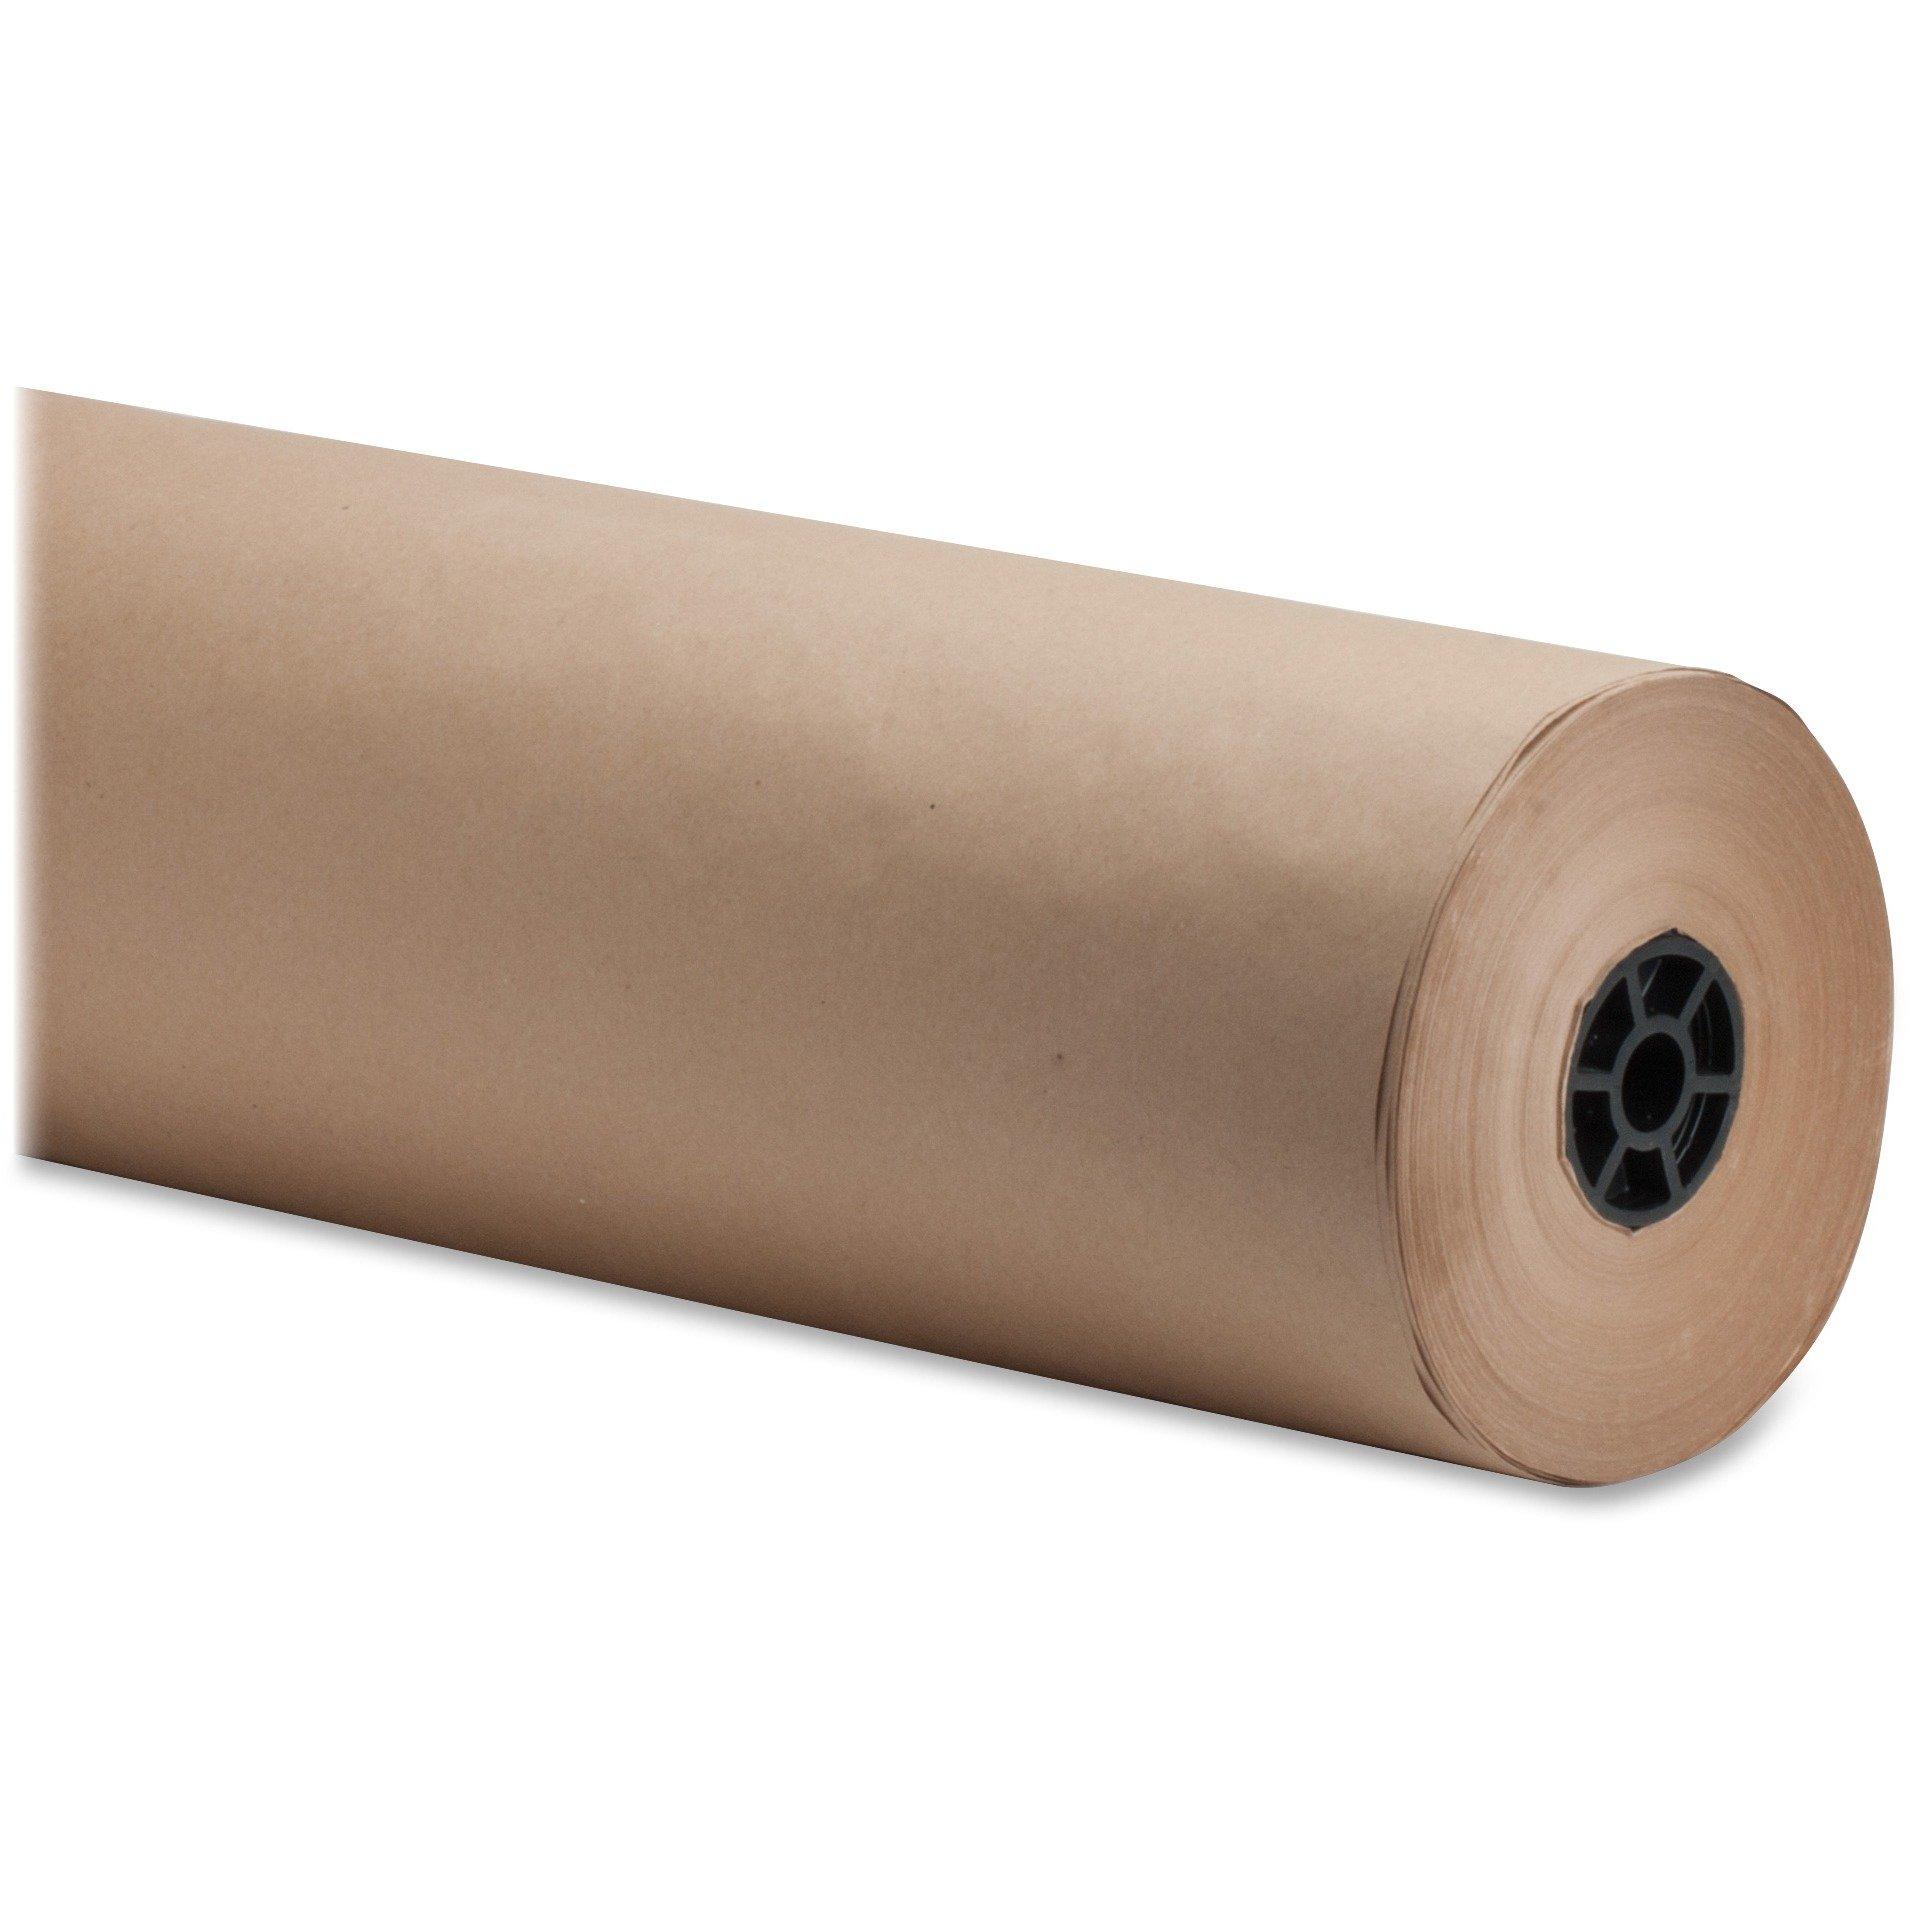 Sparco 24424 Bulk Wrapping Paper, 40 lb., 24''x1050', 1/RL, Kraft